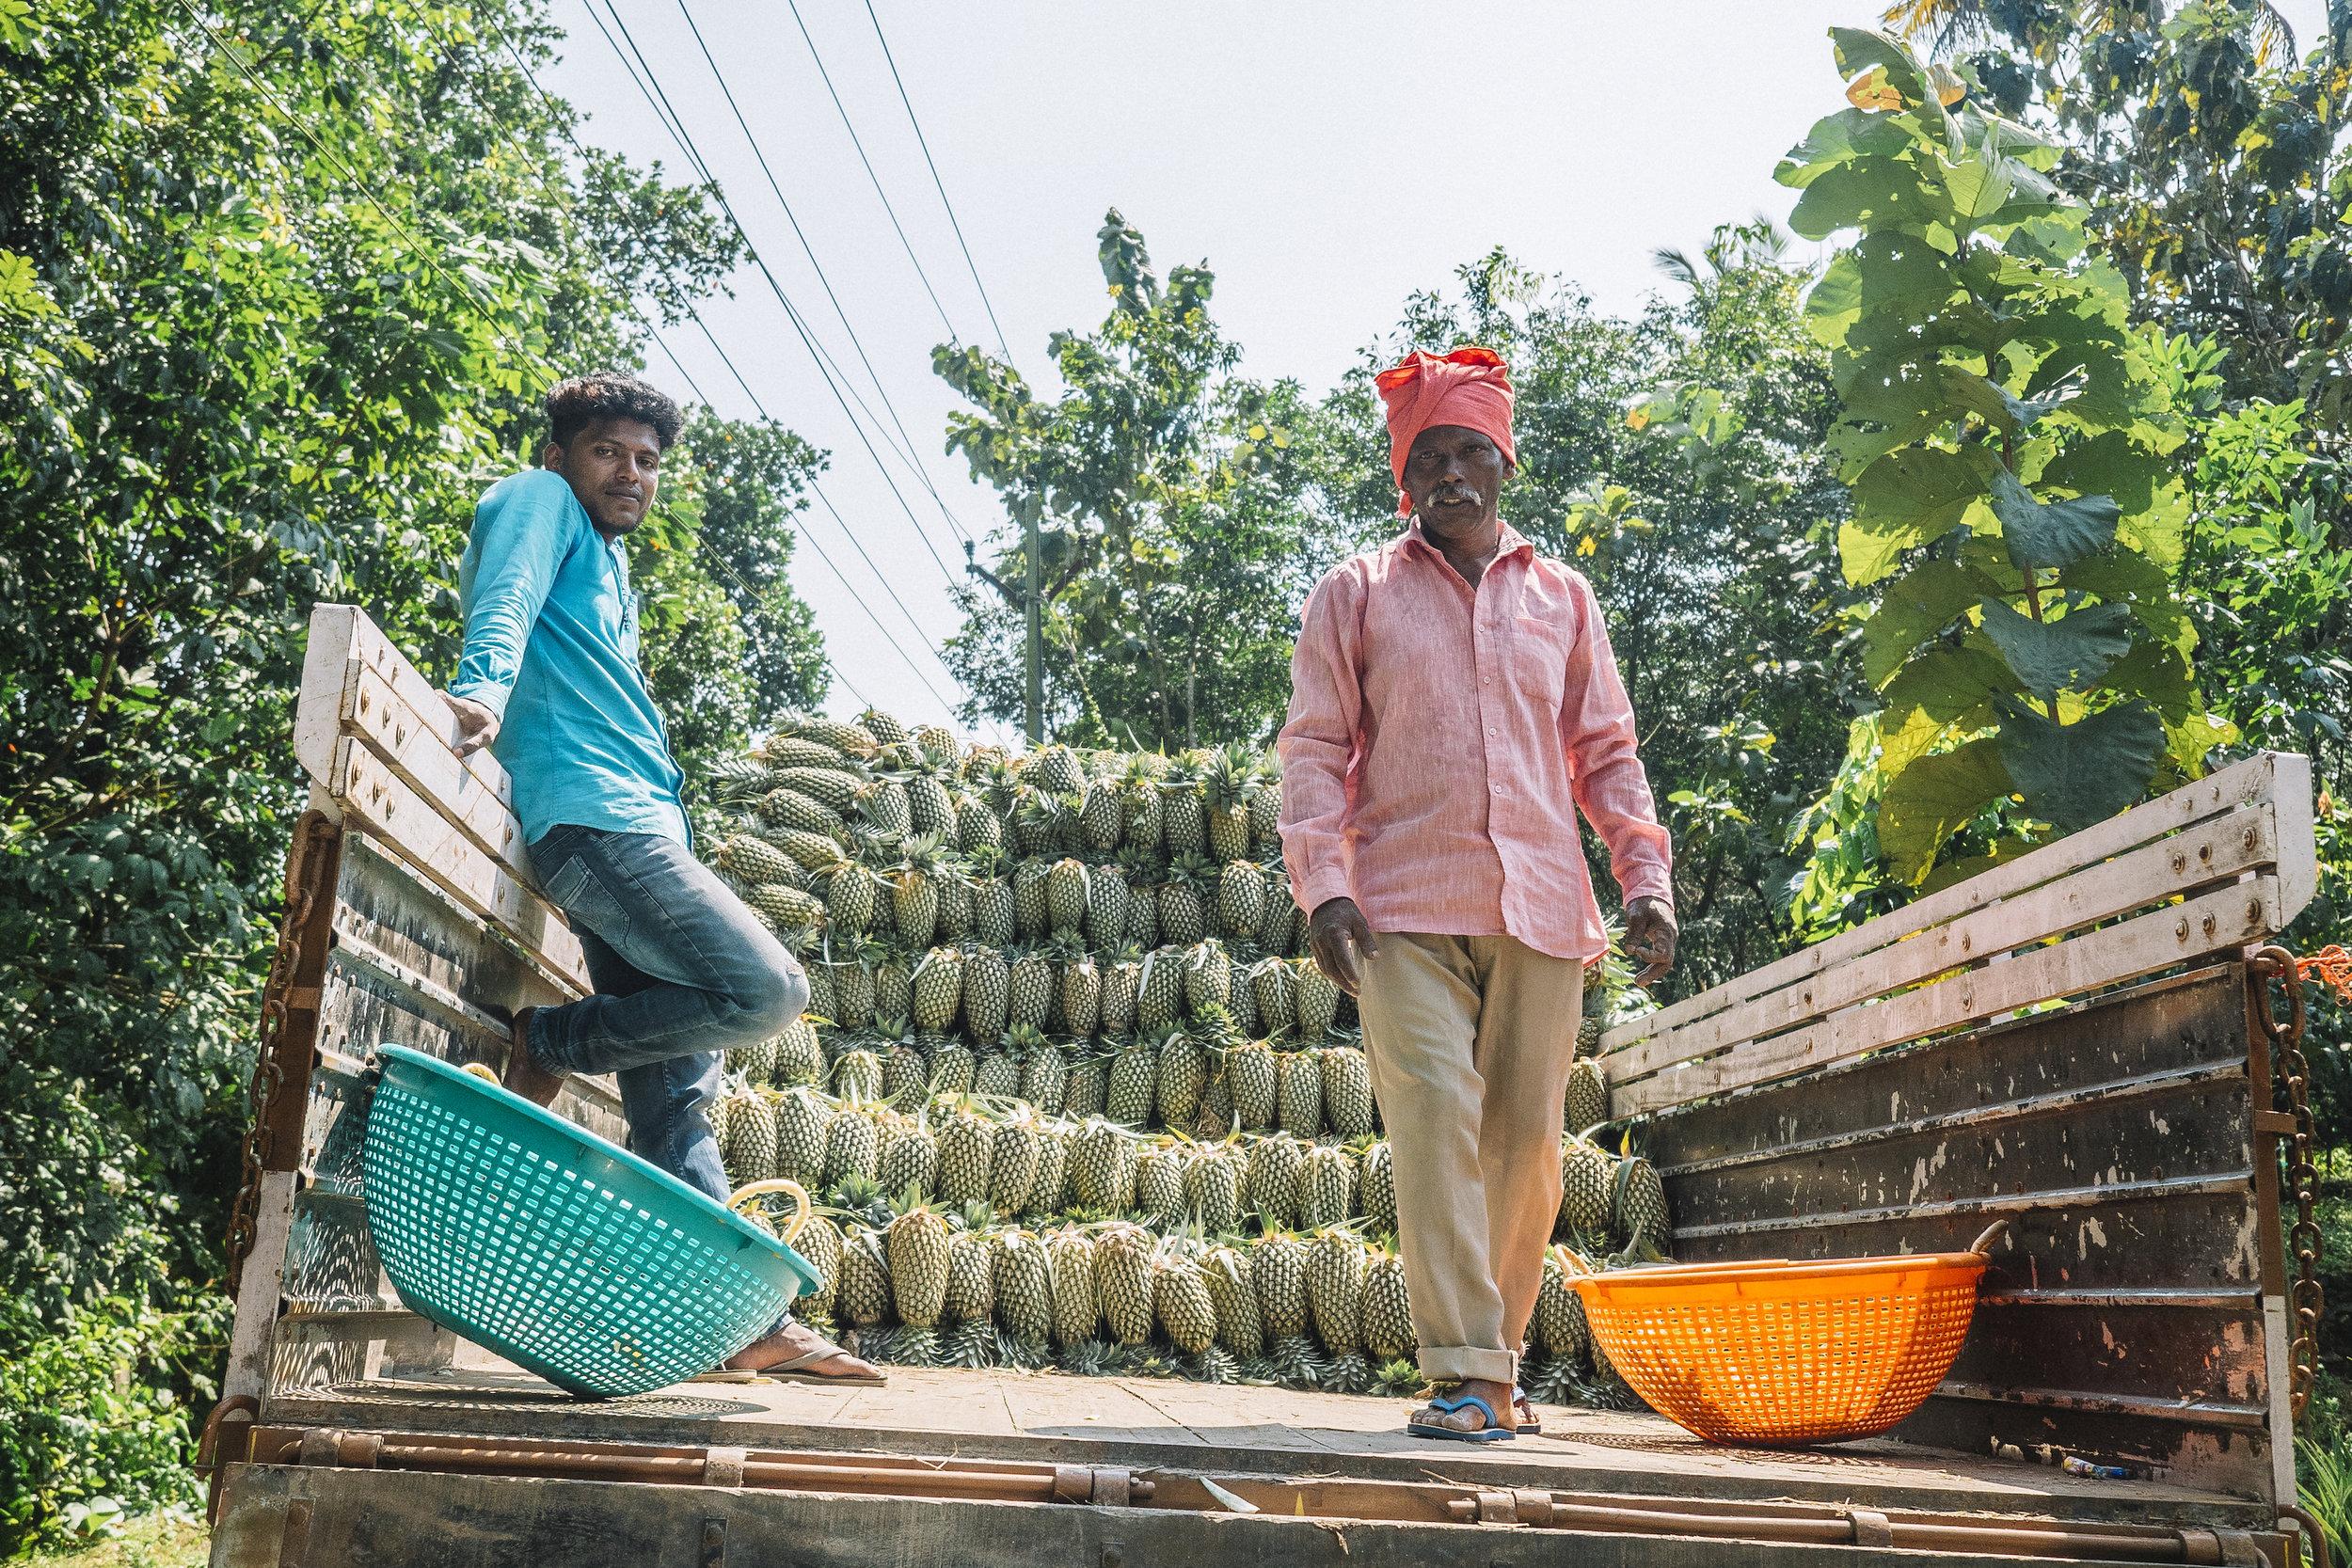 Kerala, India - 2017